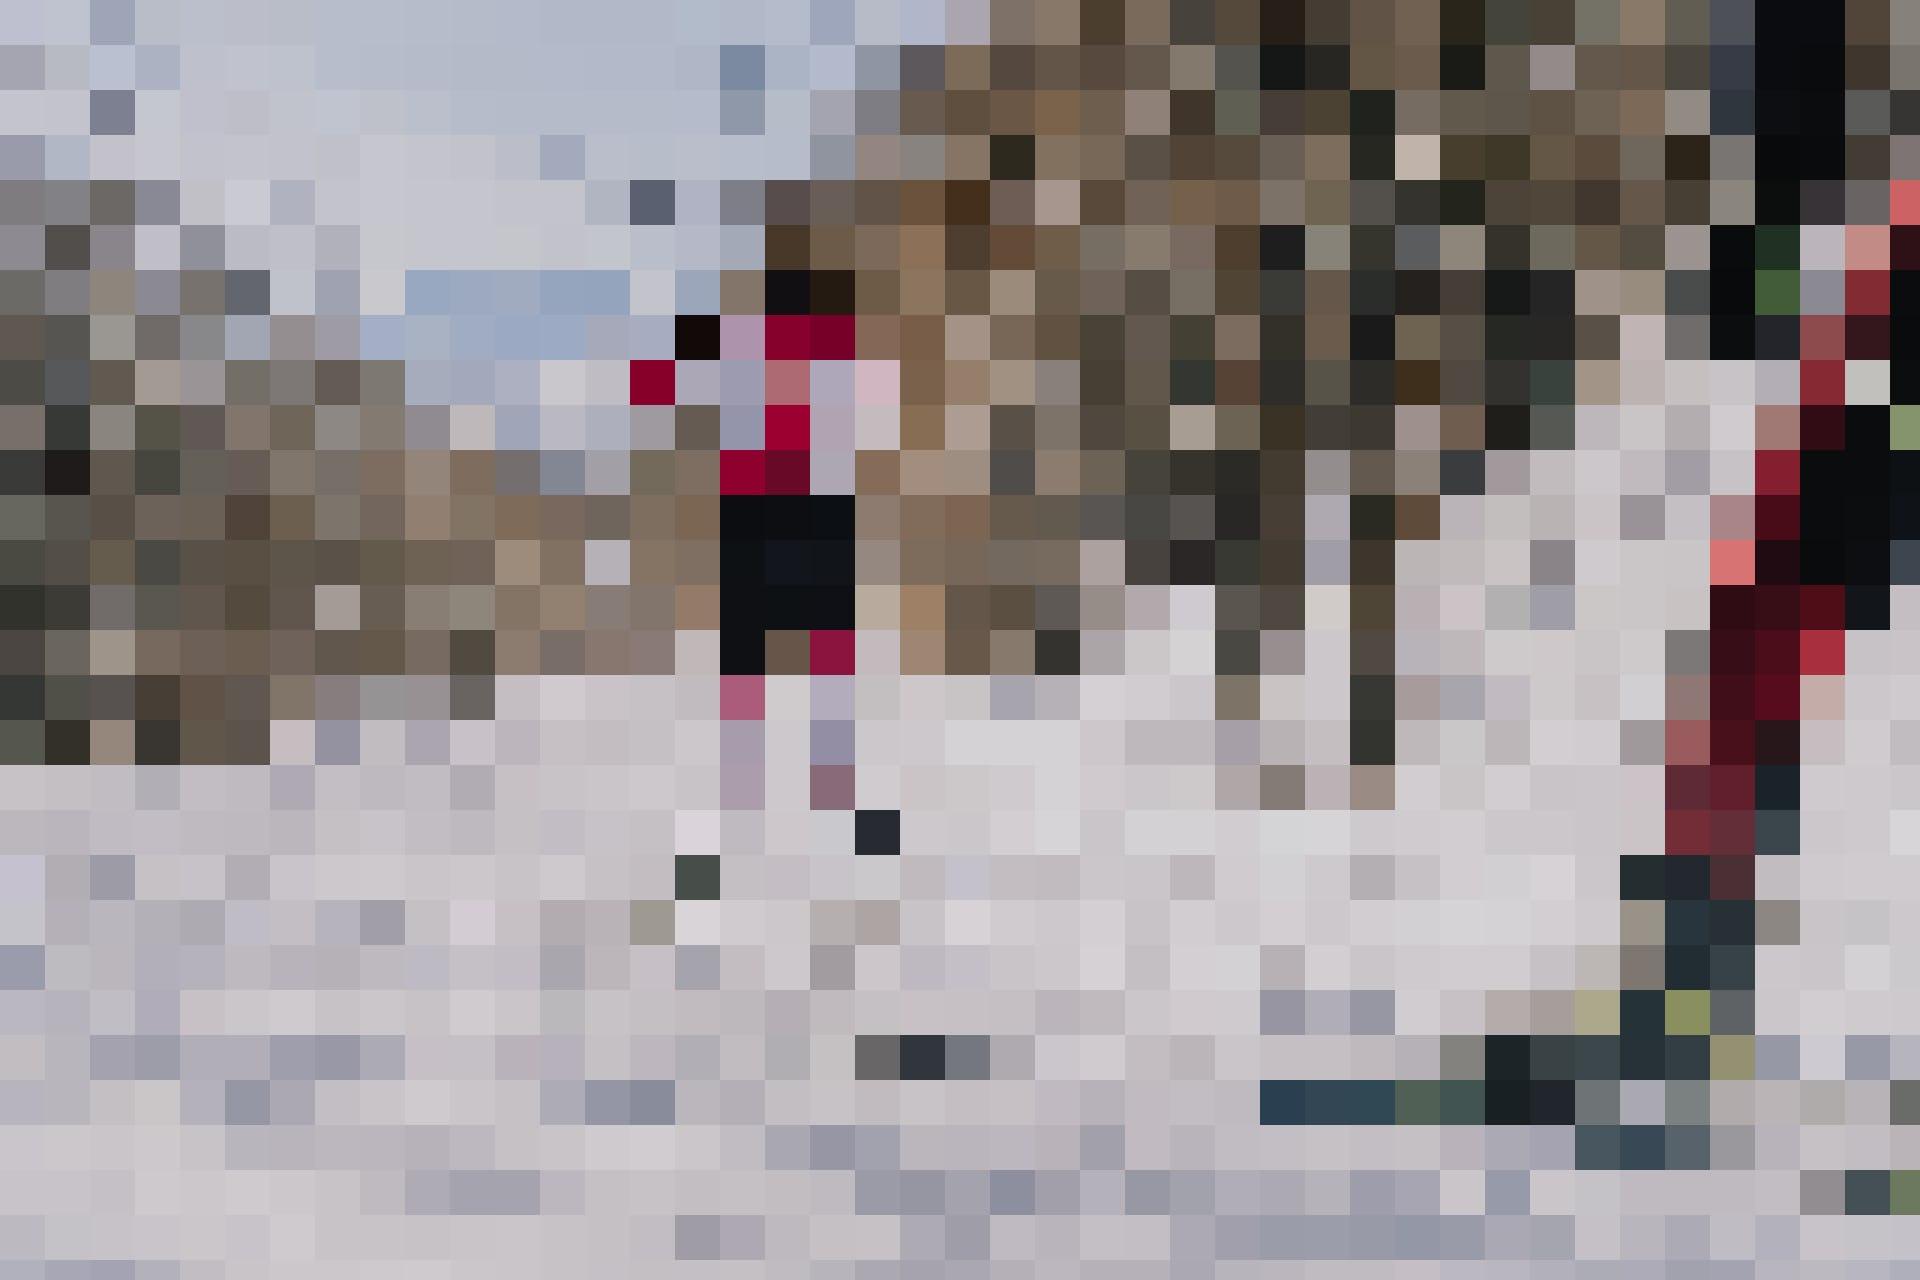 Le ski de fond fait partie des activités prisée de la vallée: on y fait du sport, tout en profitant de la nature magnifique et recouverte d'une fine p...